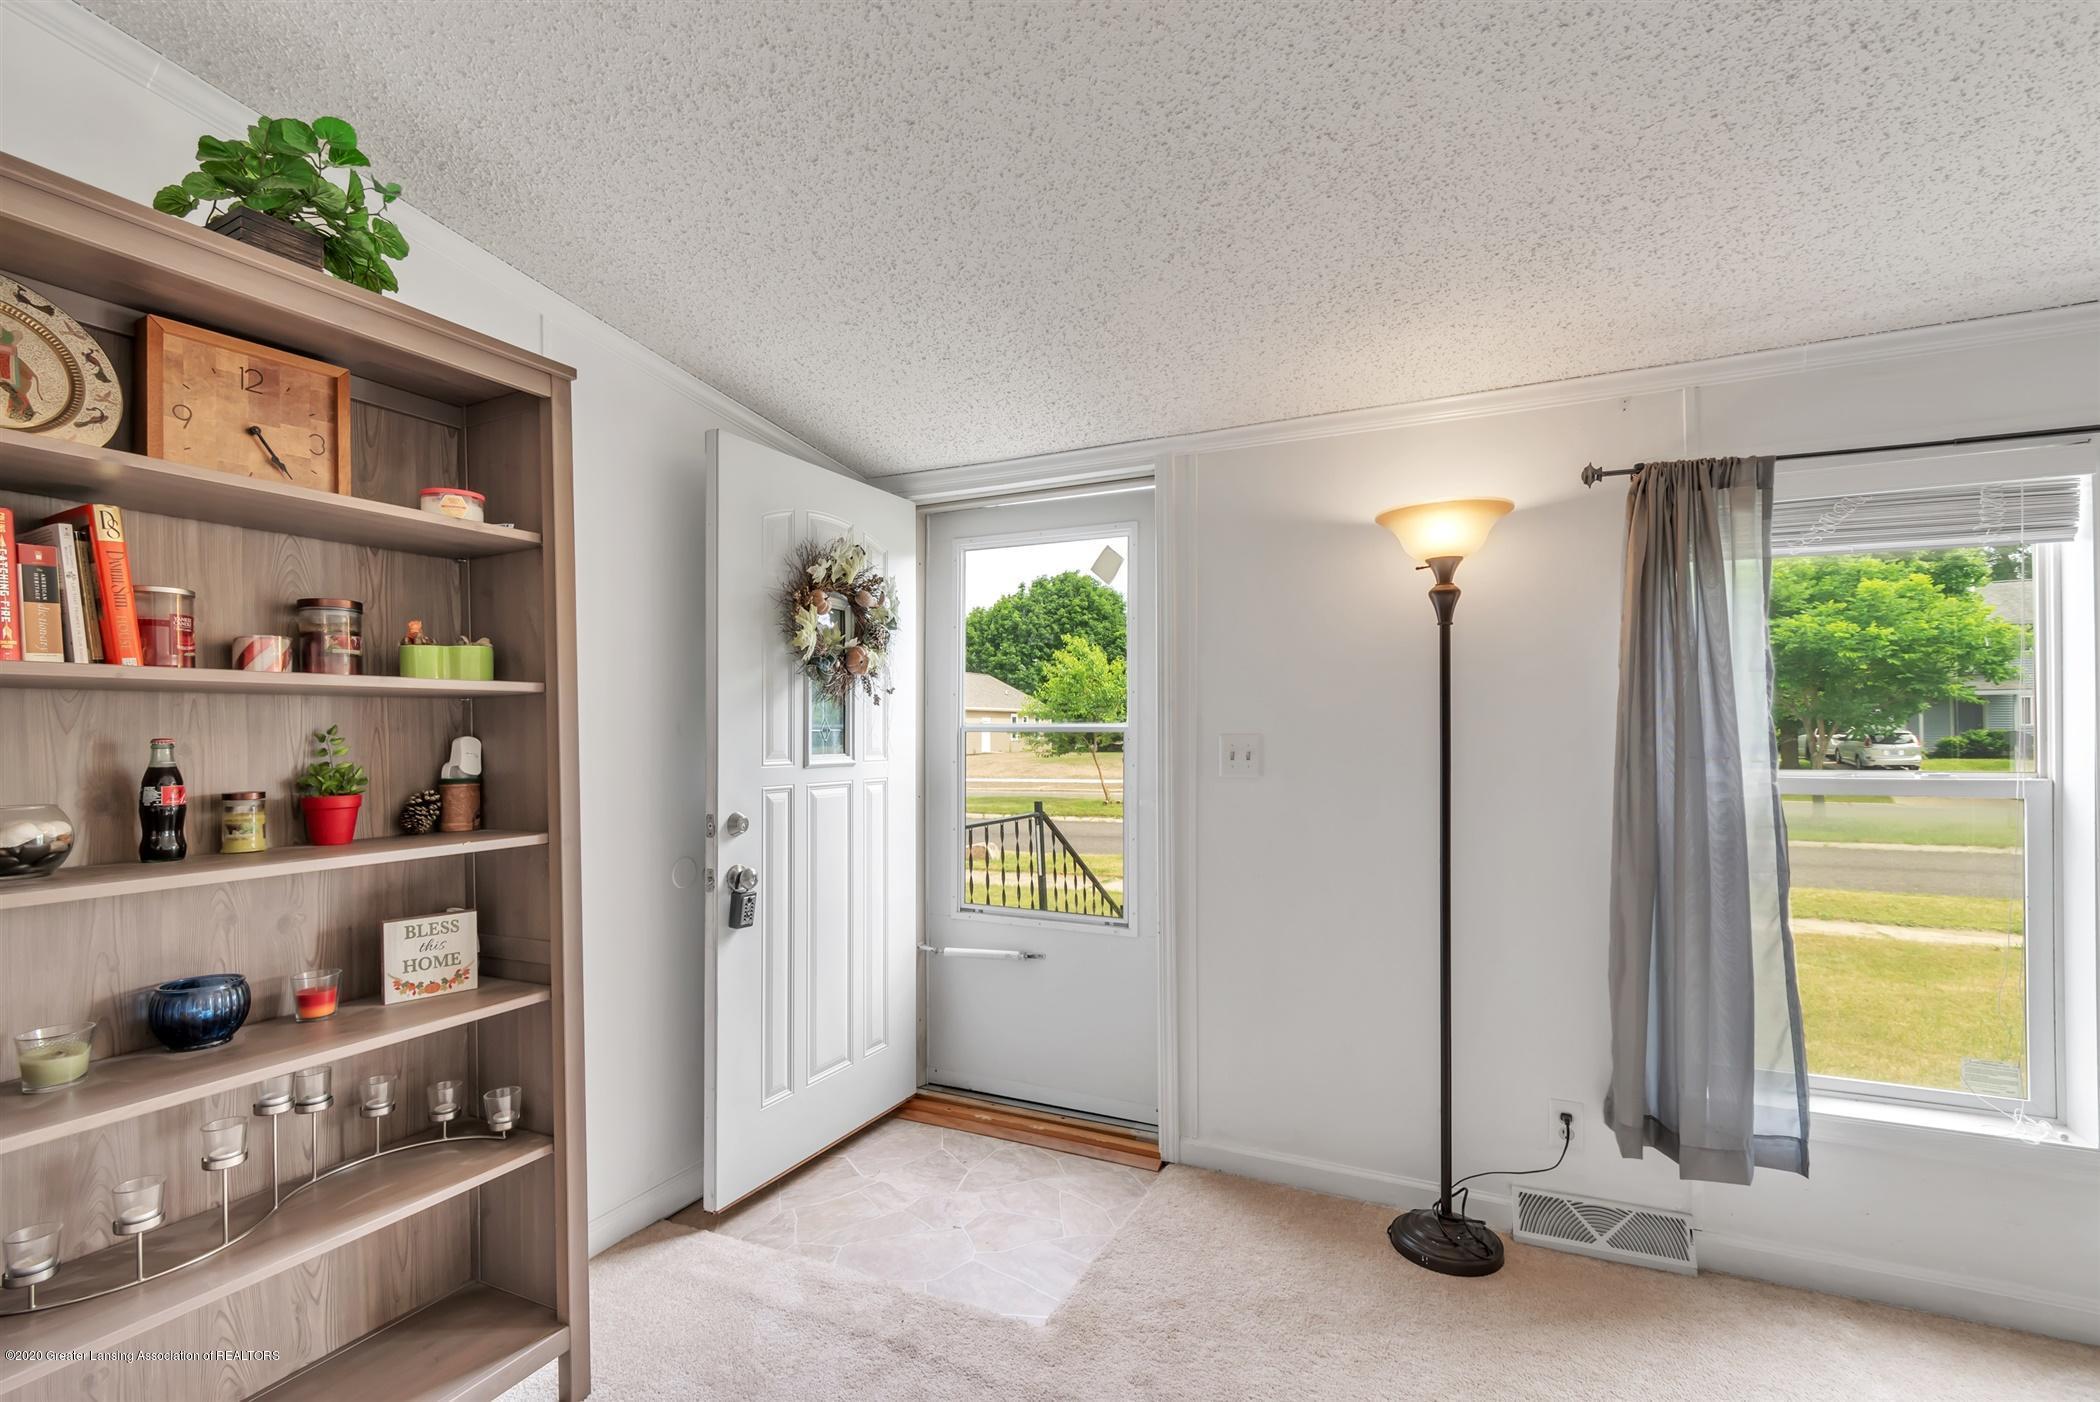 4214 Glenburne Blvd - 06-4214 Glenburne Blvd-WindowStill- - 5